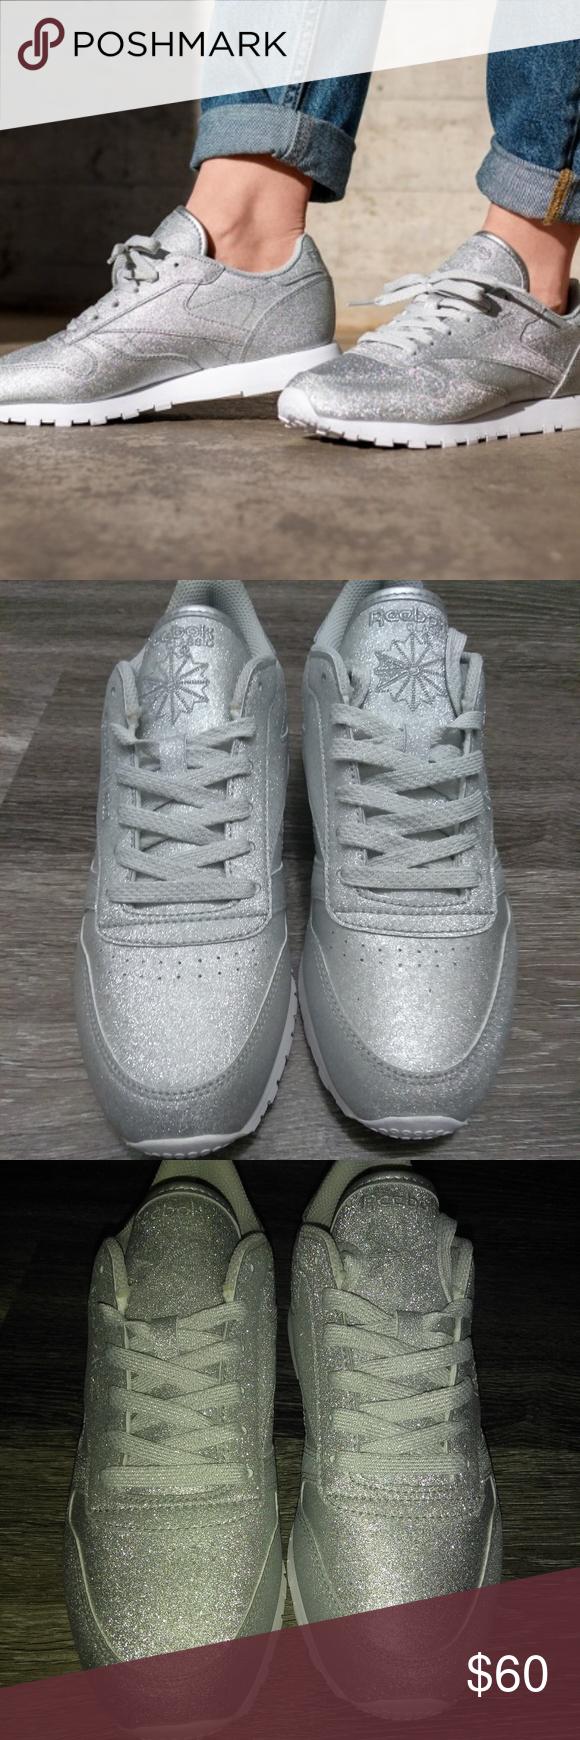 reebok silver glitter, OFF 76%,Buy!